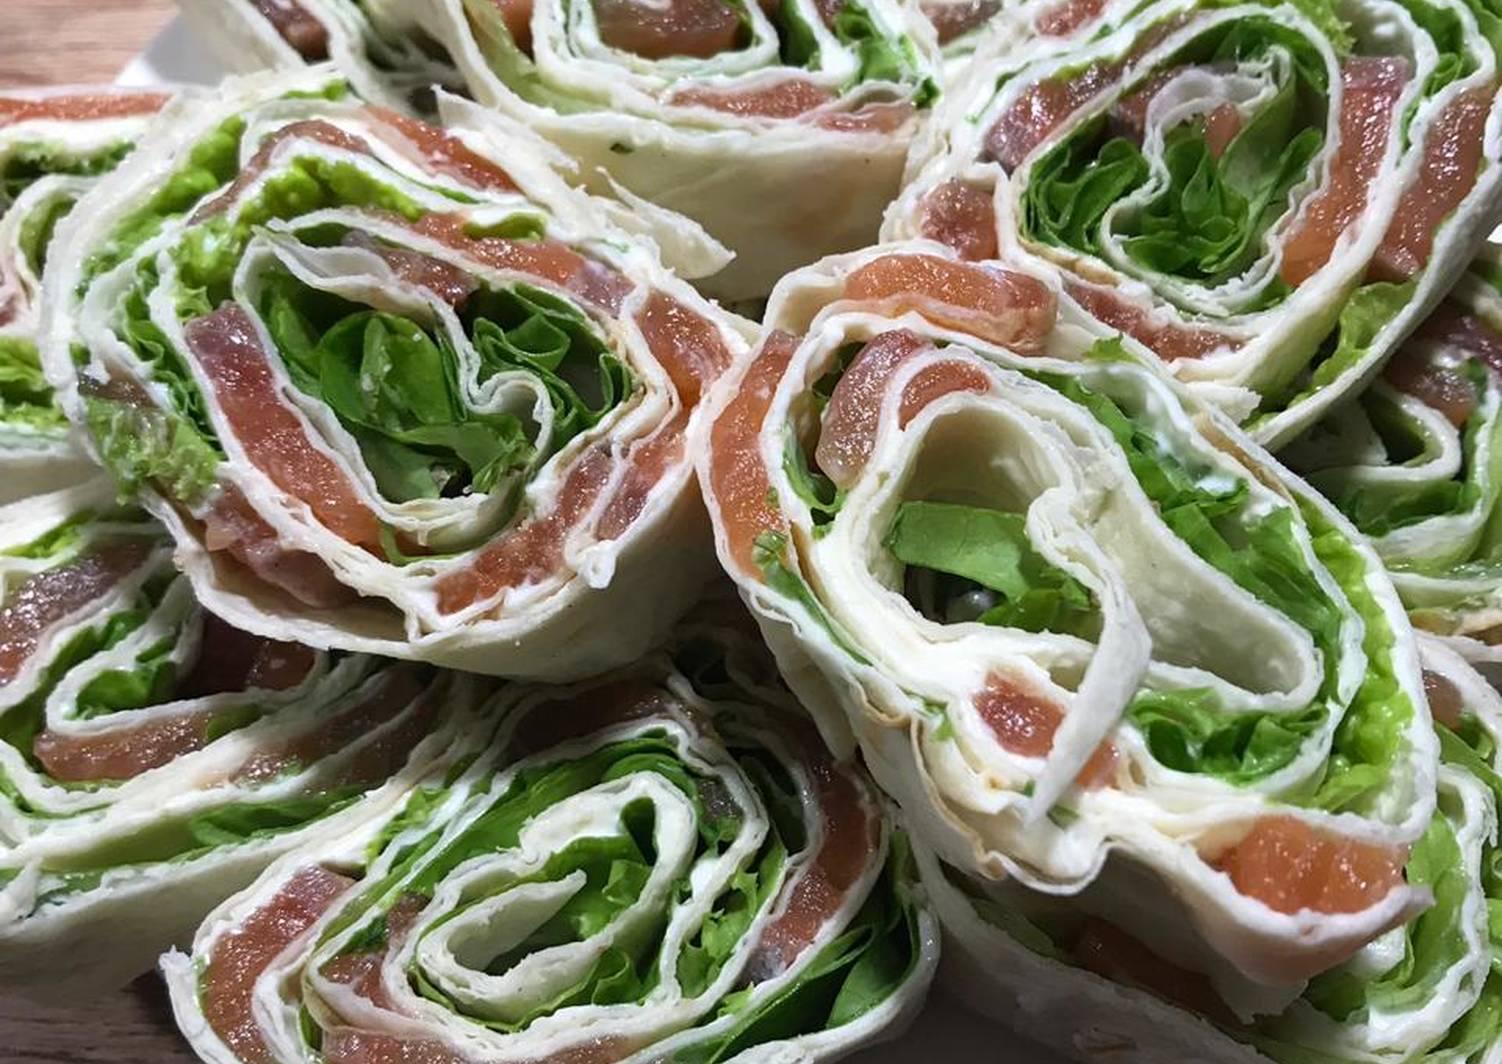 Салат ласточкино гнездо рецепт с фото пошагово него либо